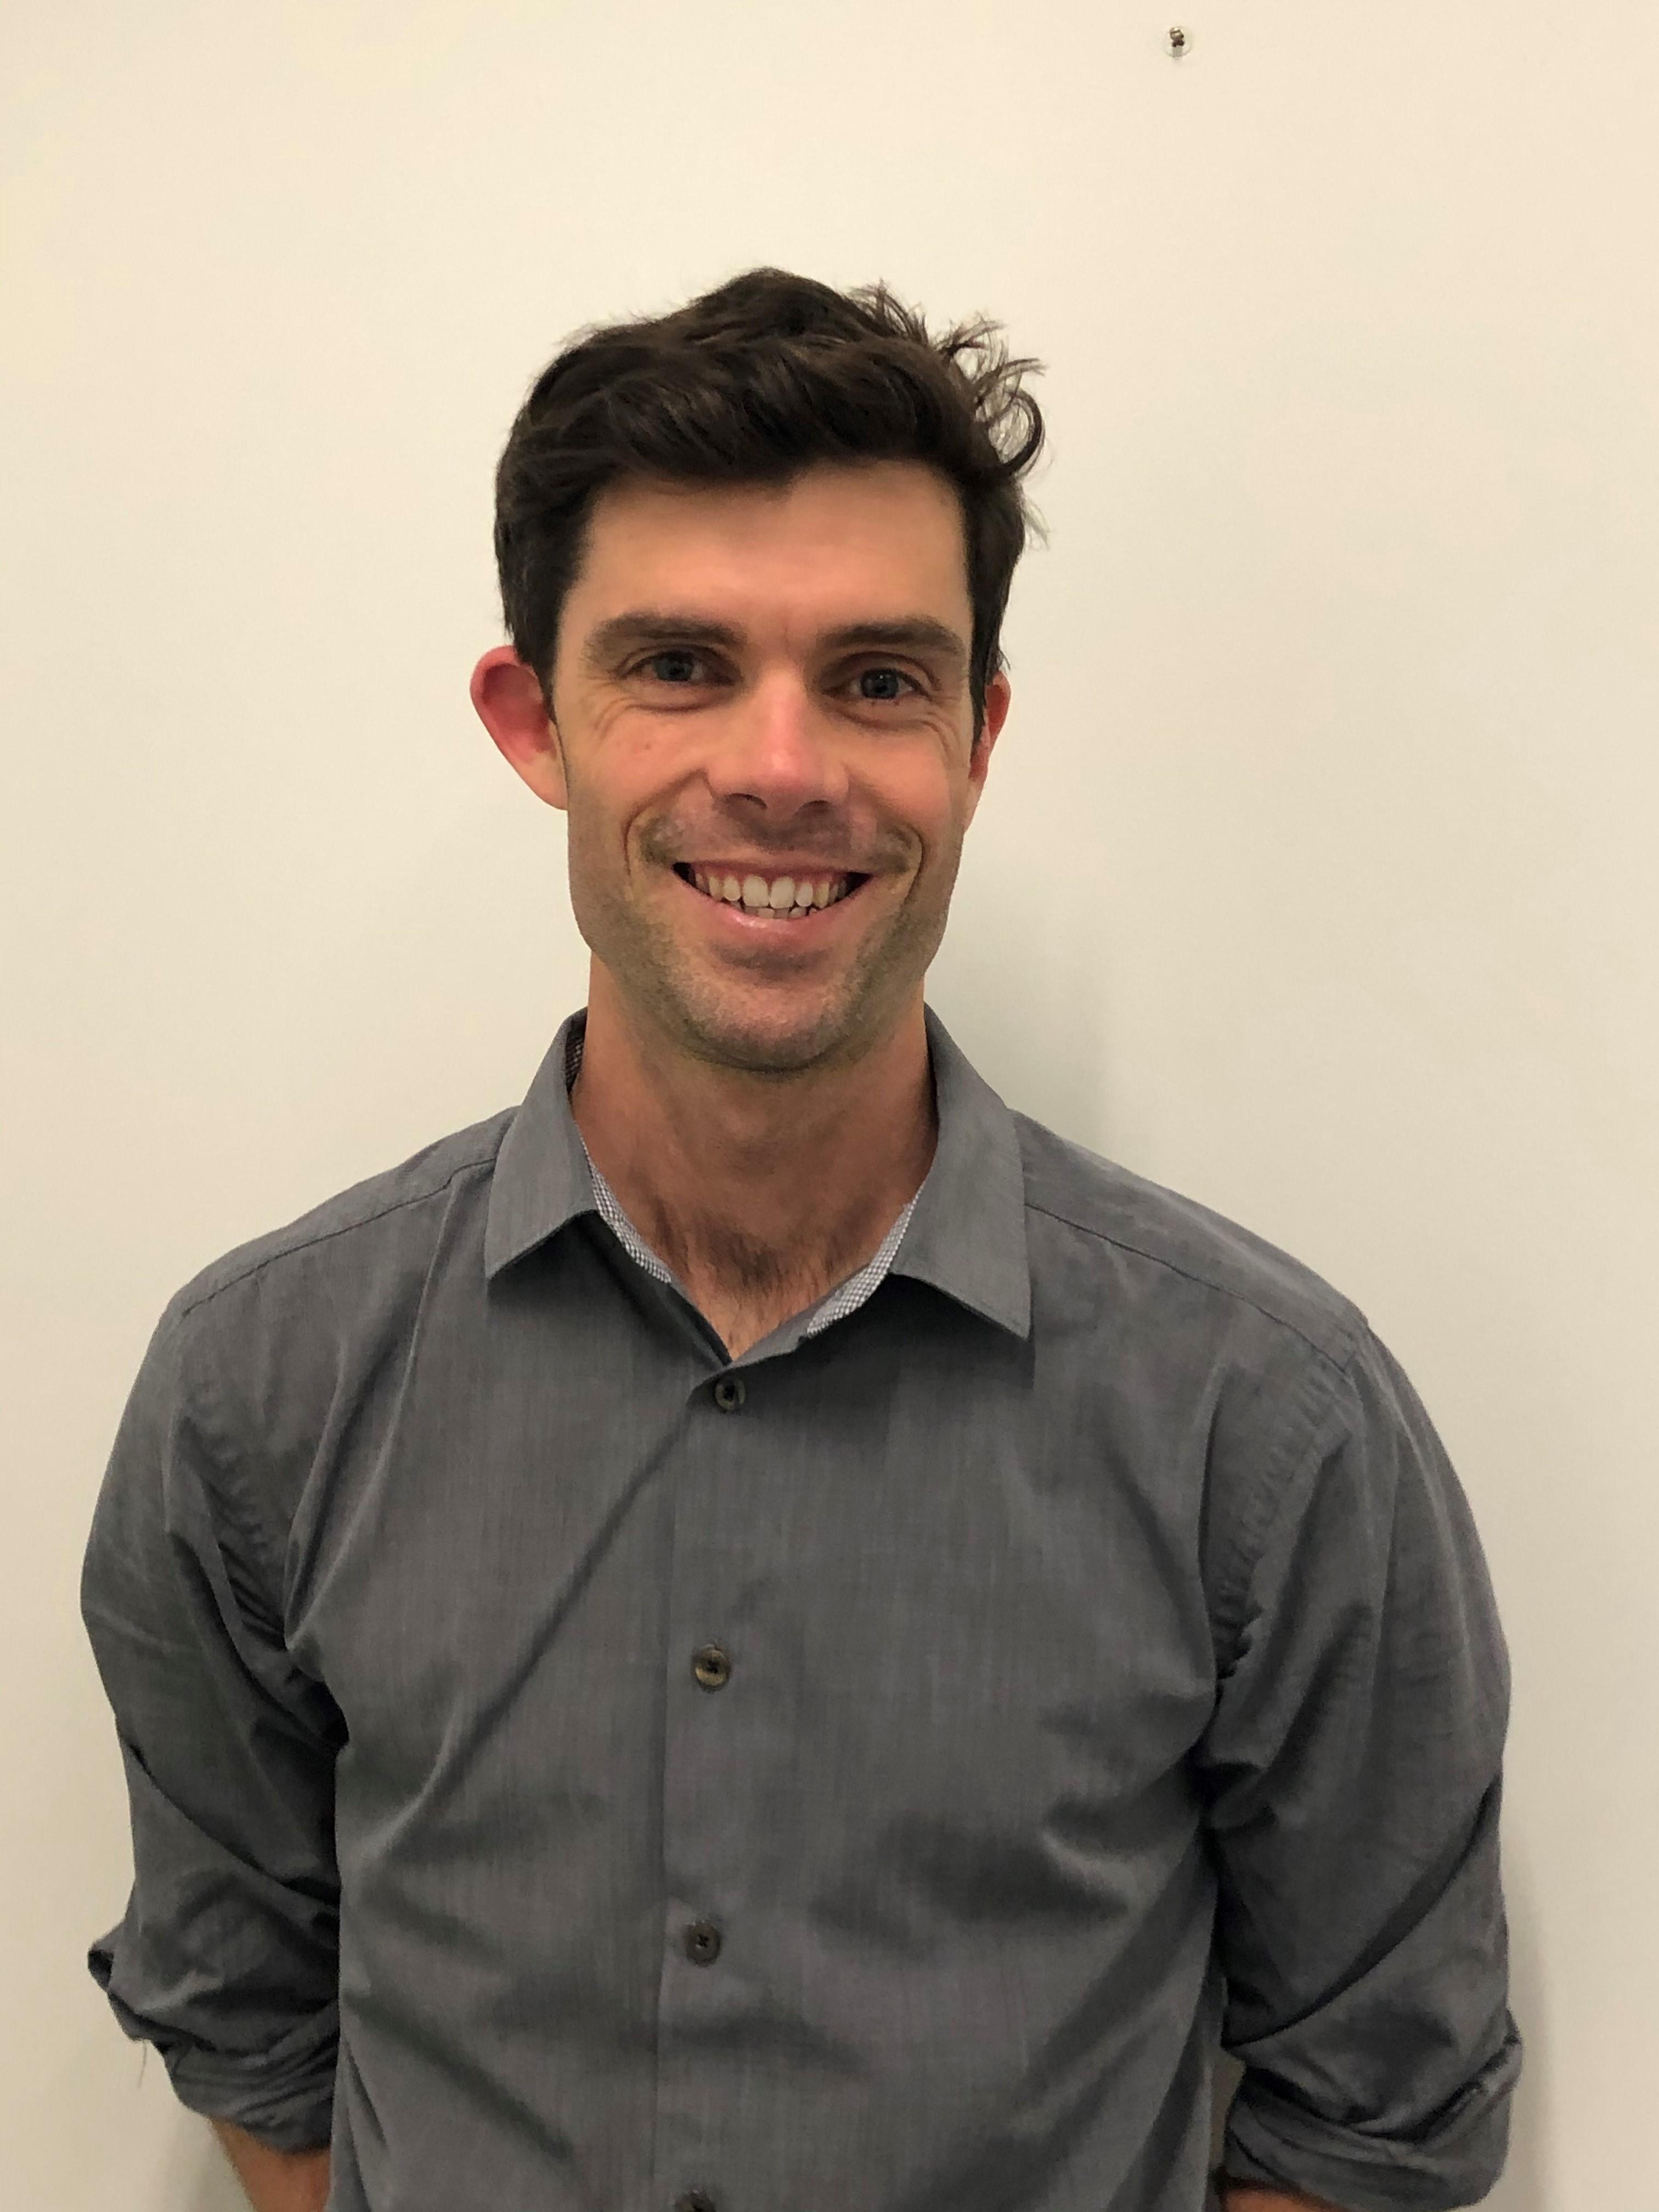 Dr Tom Chaloner